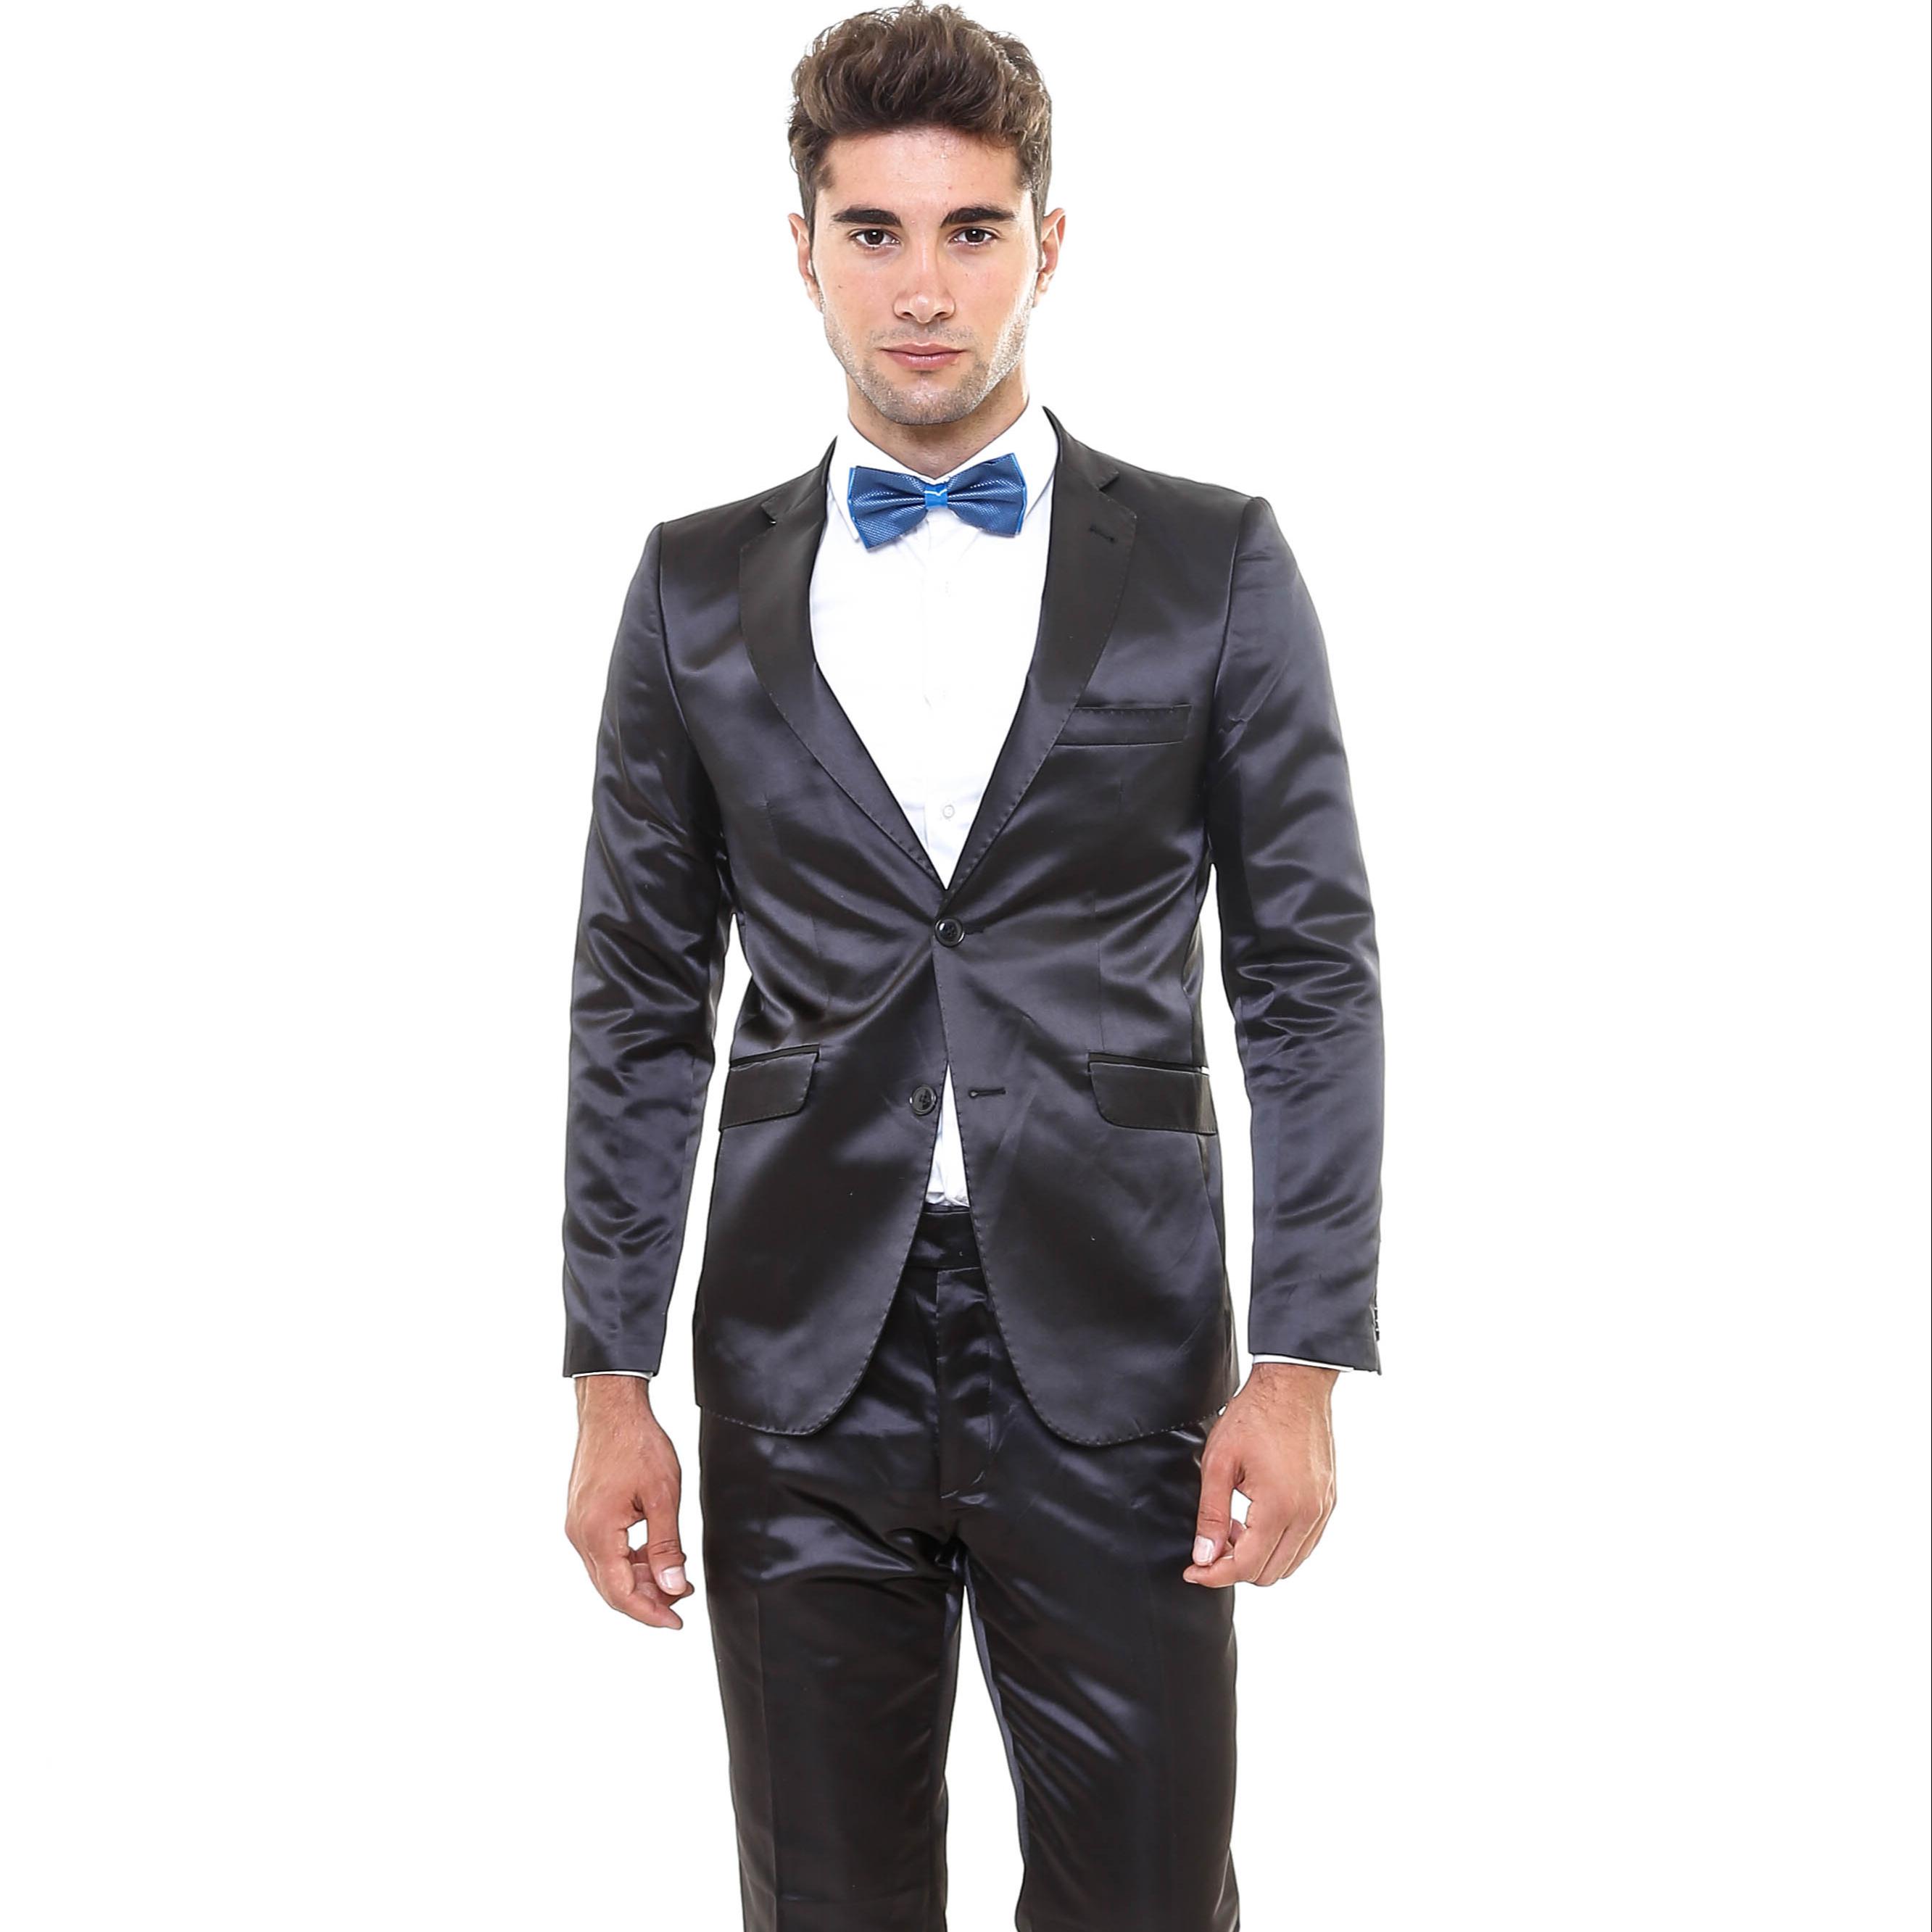 Zwart glanzend kostuum